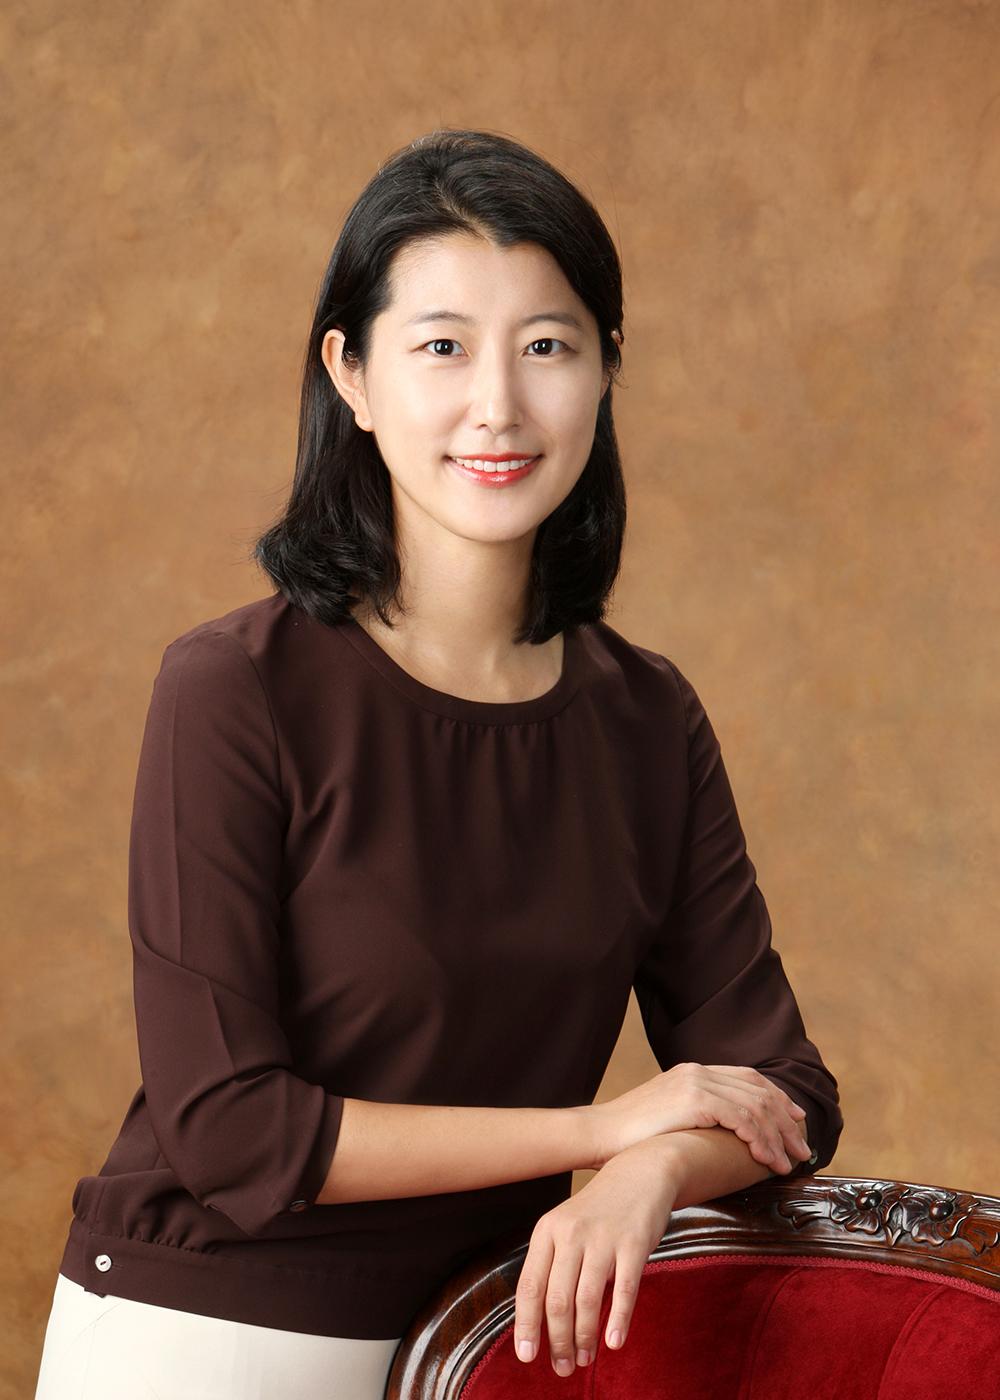 Hye Yeon Nam